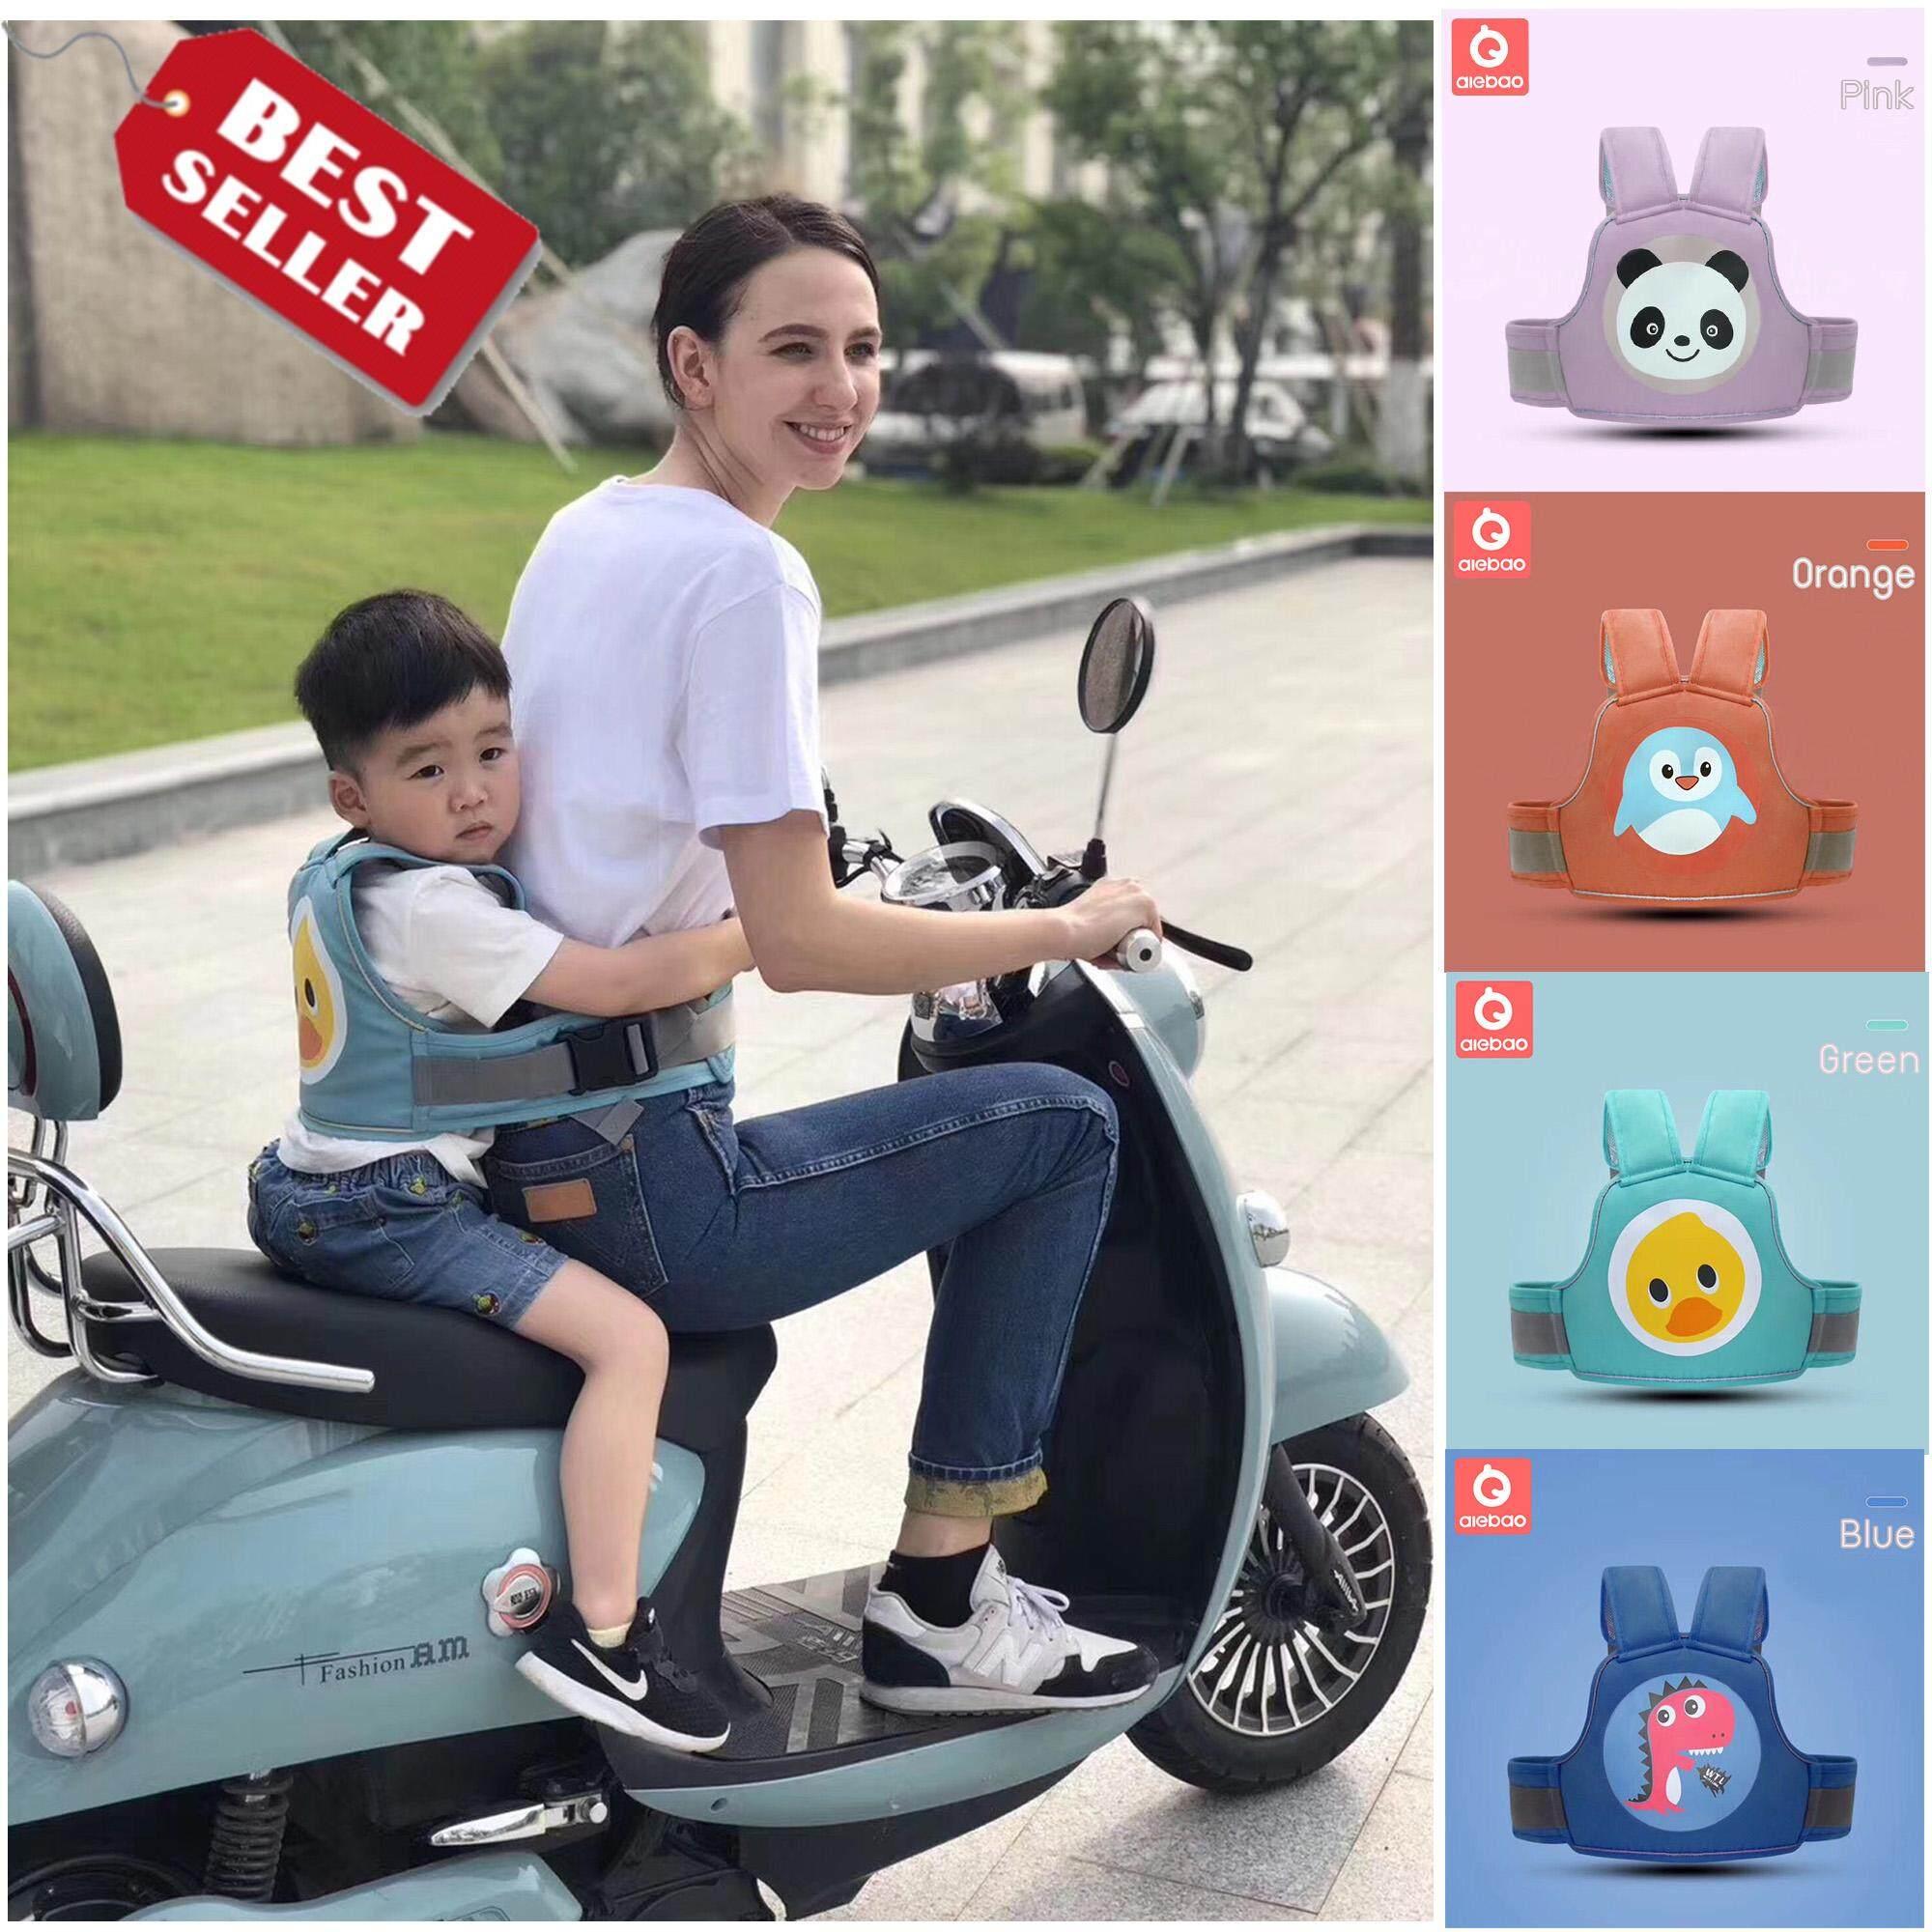 สายรัดนิรภัยกันเด็กตกรถมอเตอร์ไซต์  (Aiebao) สำหรับเด็กอายุ 3 - 10 ปี แบบกระเป๋าเป้สะพายหลัง สำหรับขับขี่มอเตอร์ไซต์ รุ่น:D3 (เขียว)